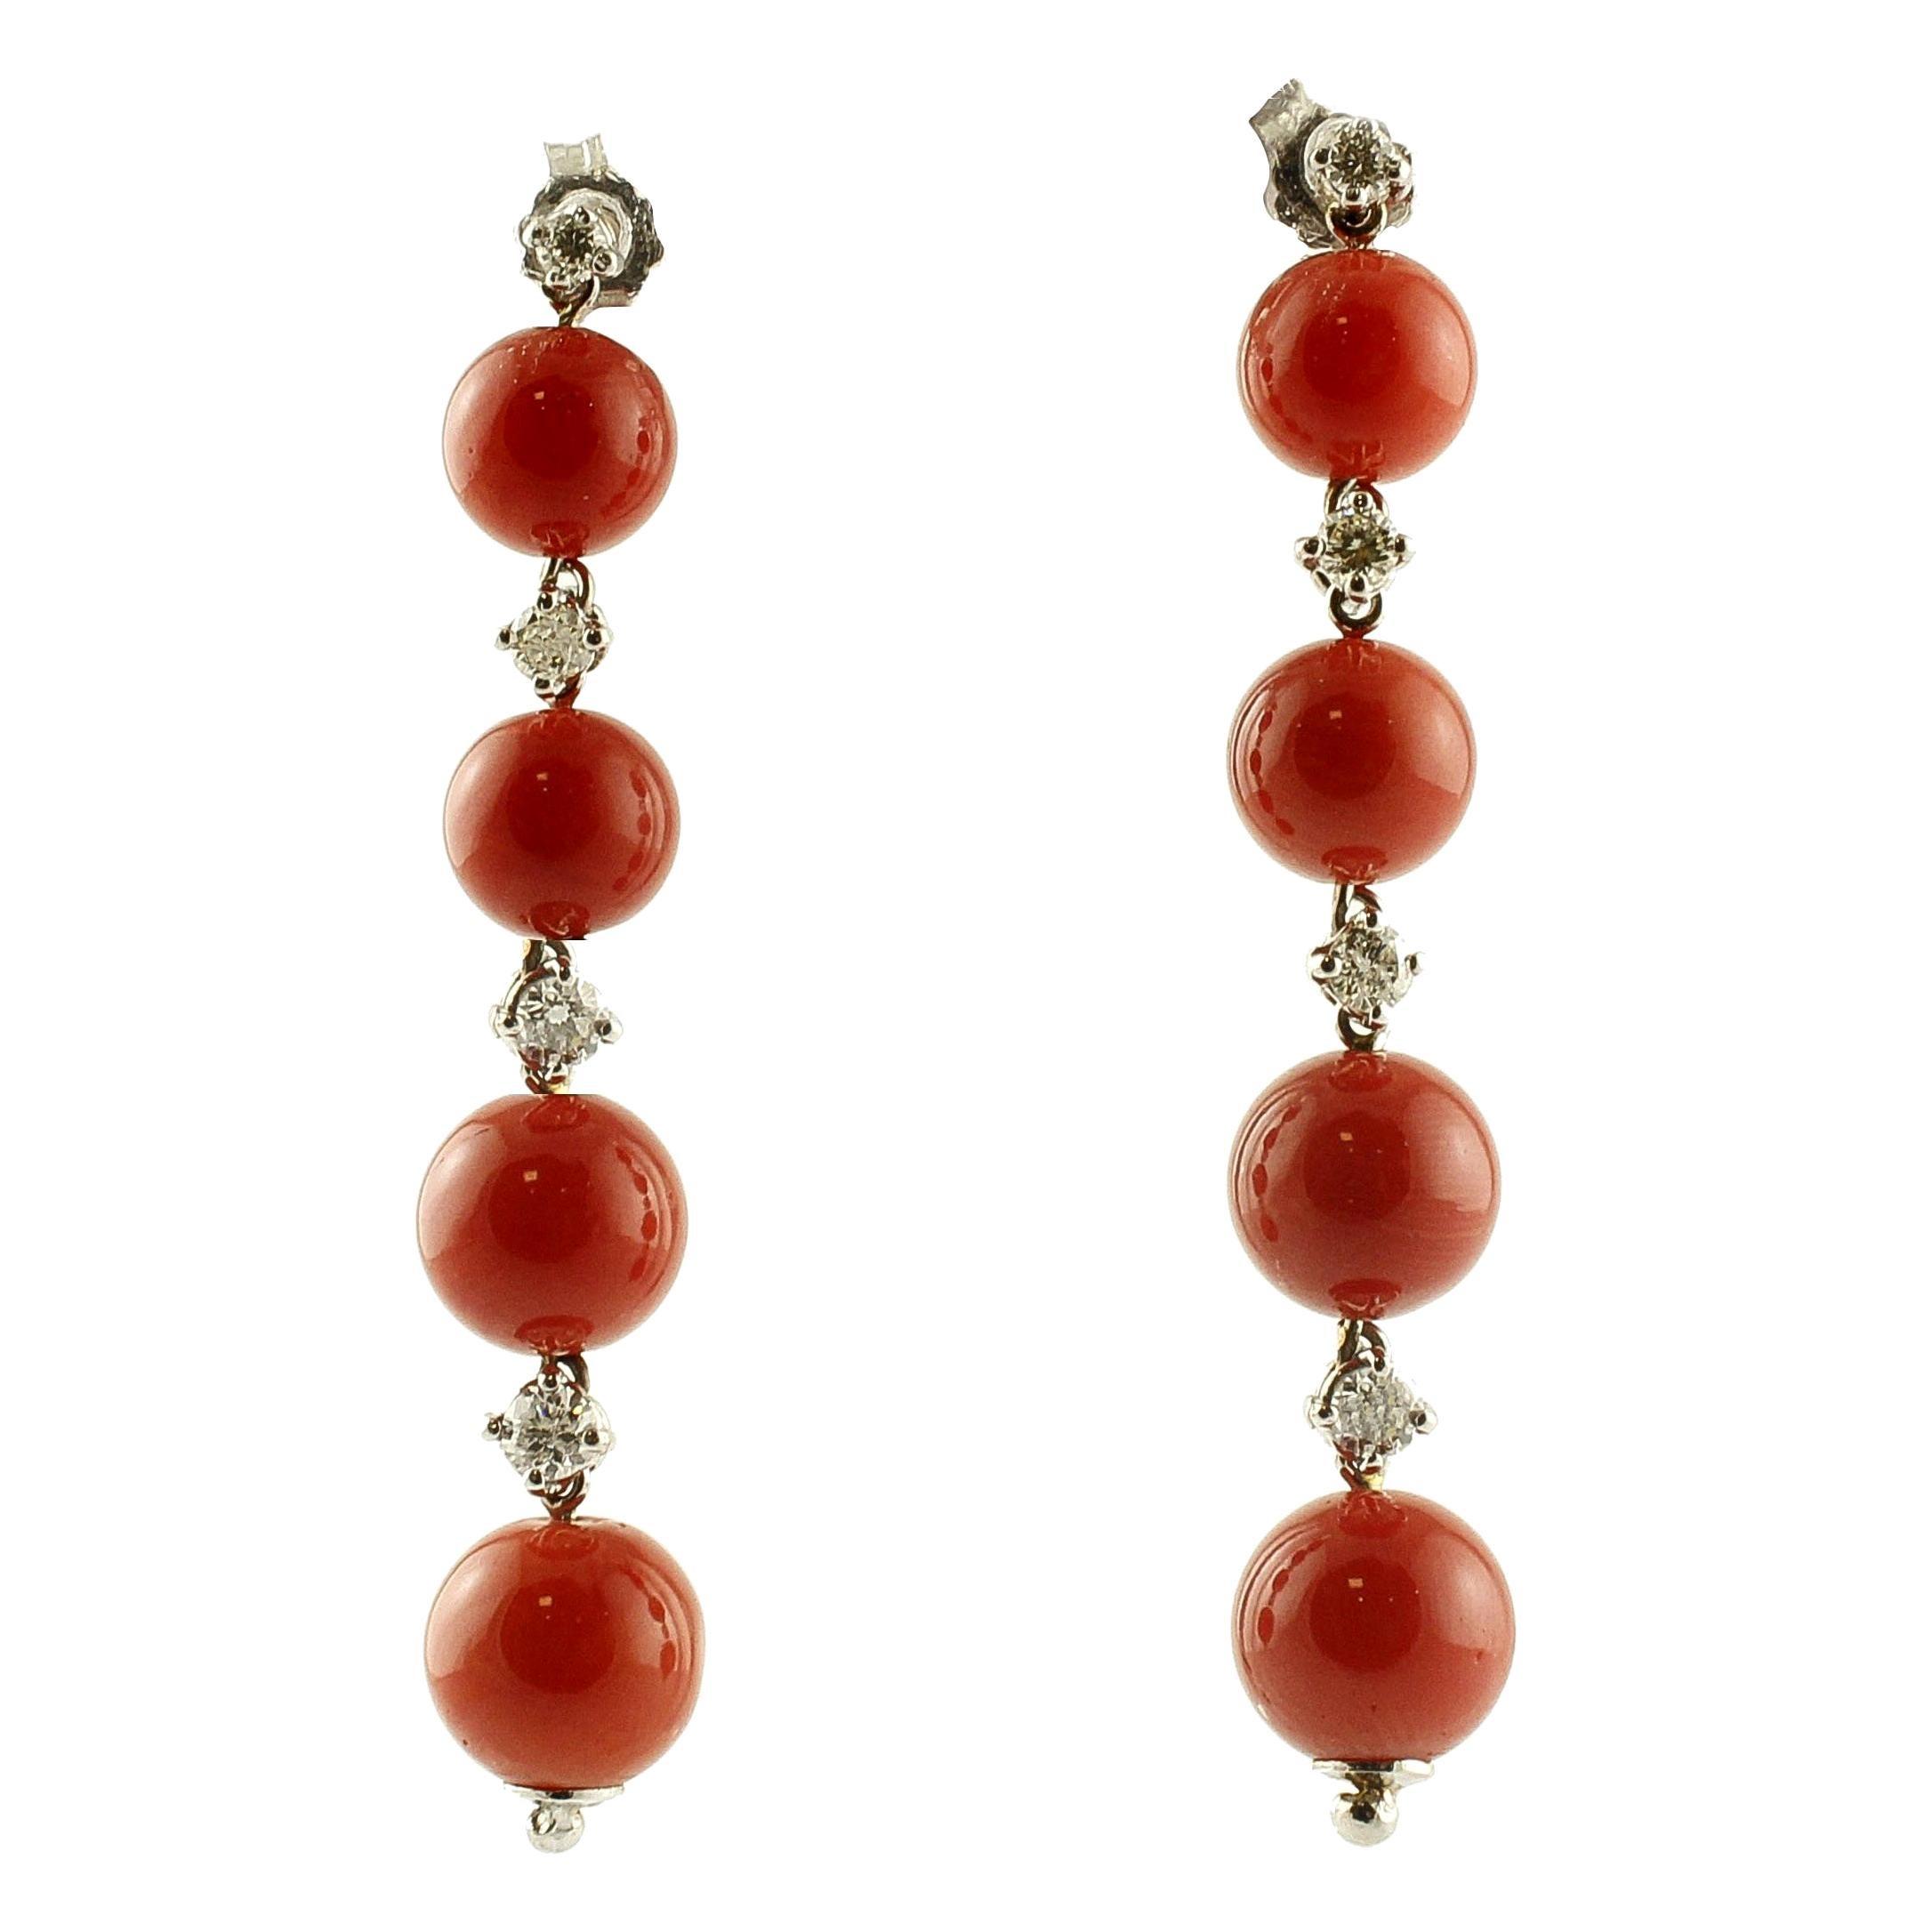 Red Coral Spheres, White Diamonds, 14 Karat White Gold Dangle Earrings